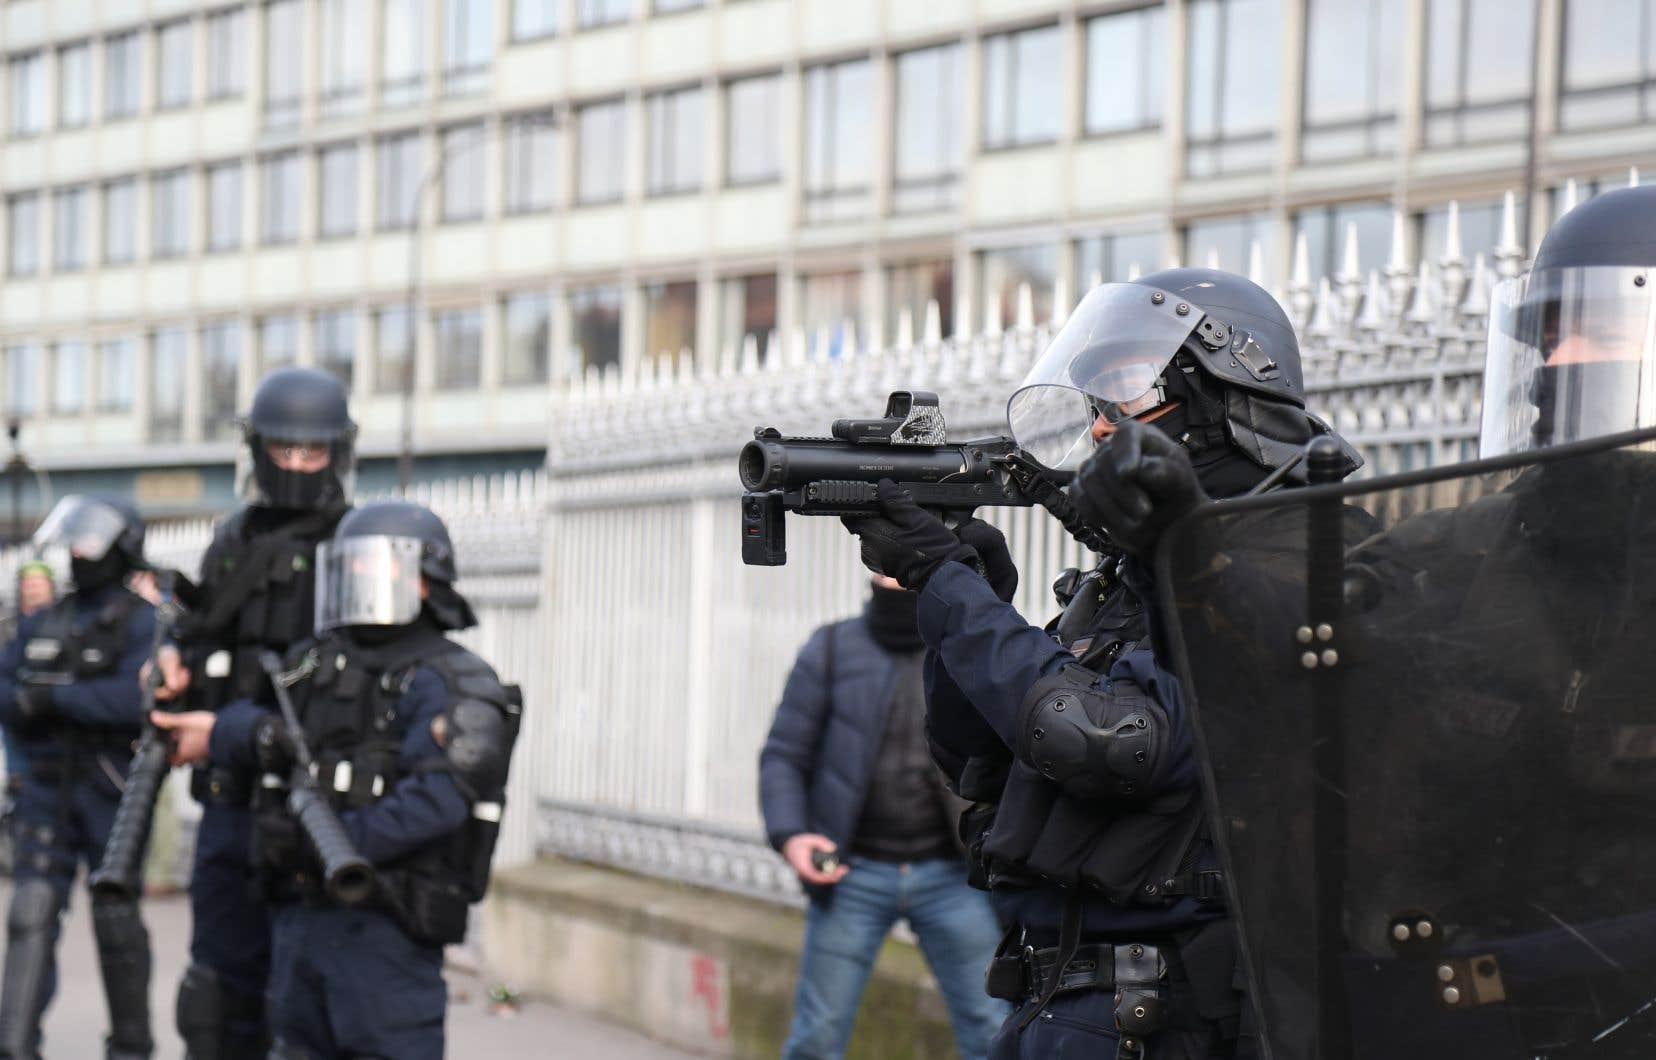 Selon un témoin direct, la blessure aurait été causée par une «grenade de désencerclement» lancée par les forces de l'ordre.